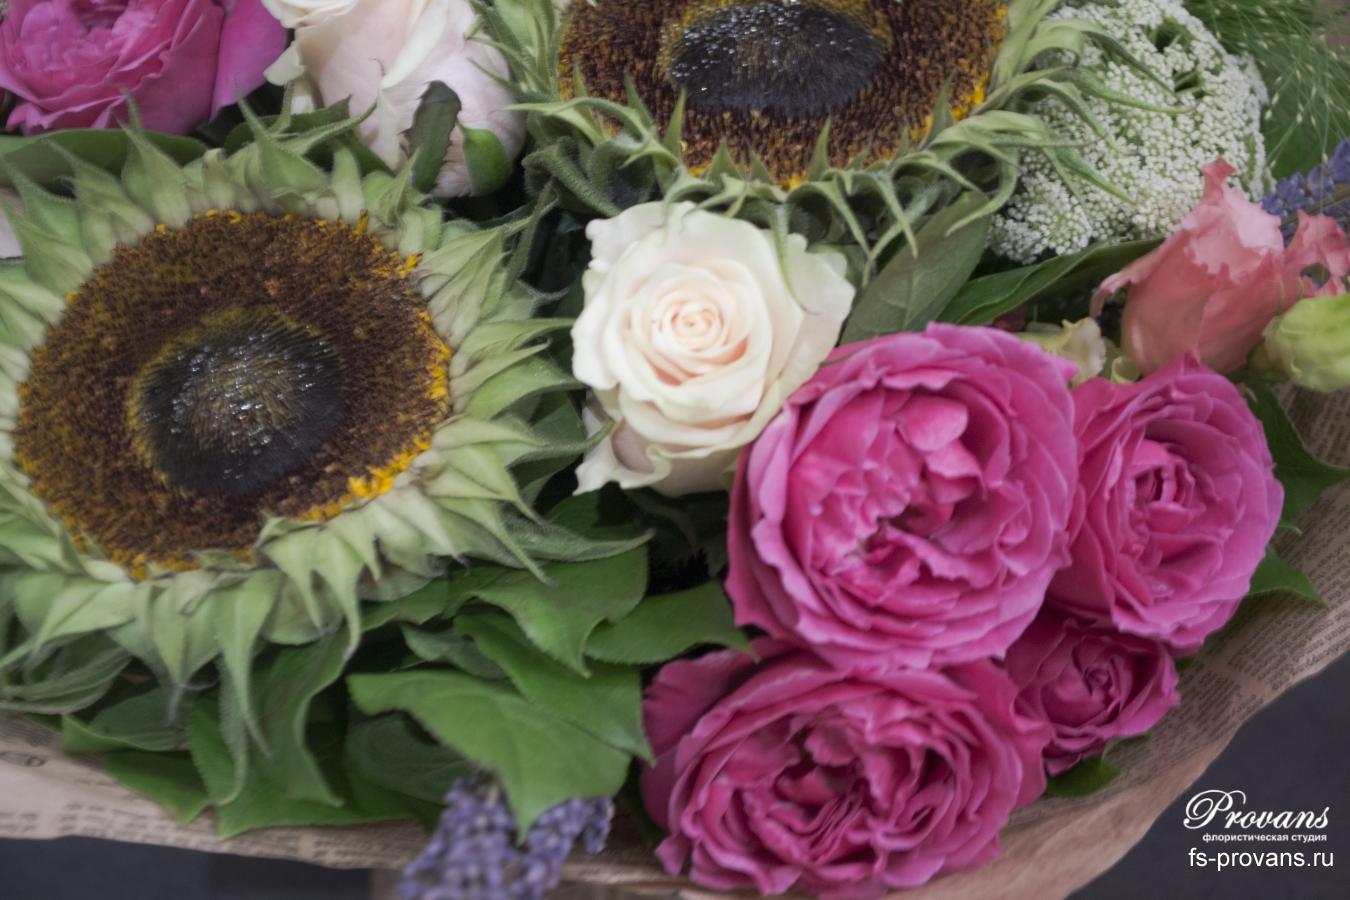 Букет на день рождения. Подсолнух, розы, эустома, лаванда